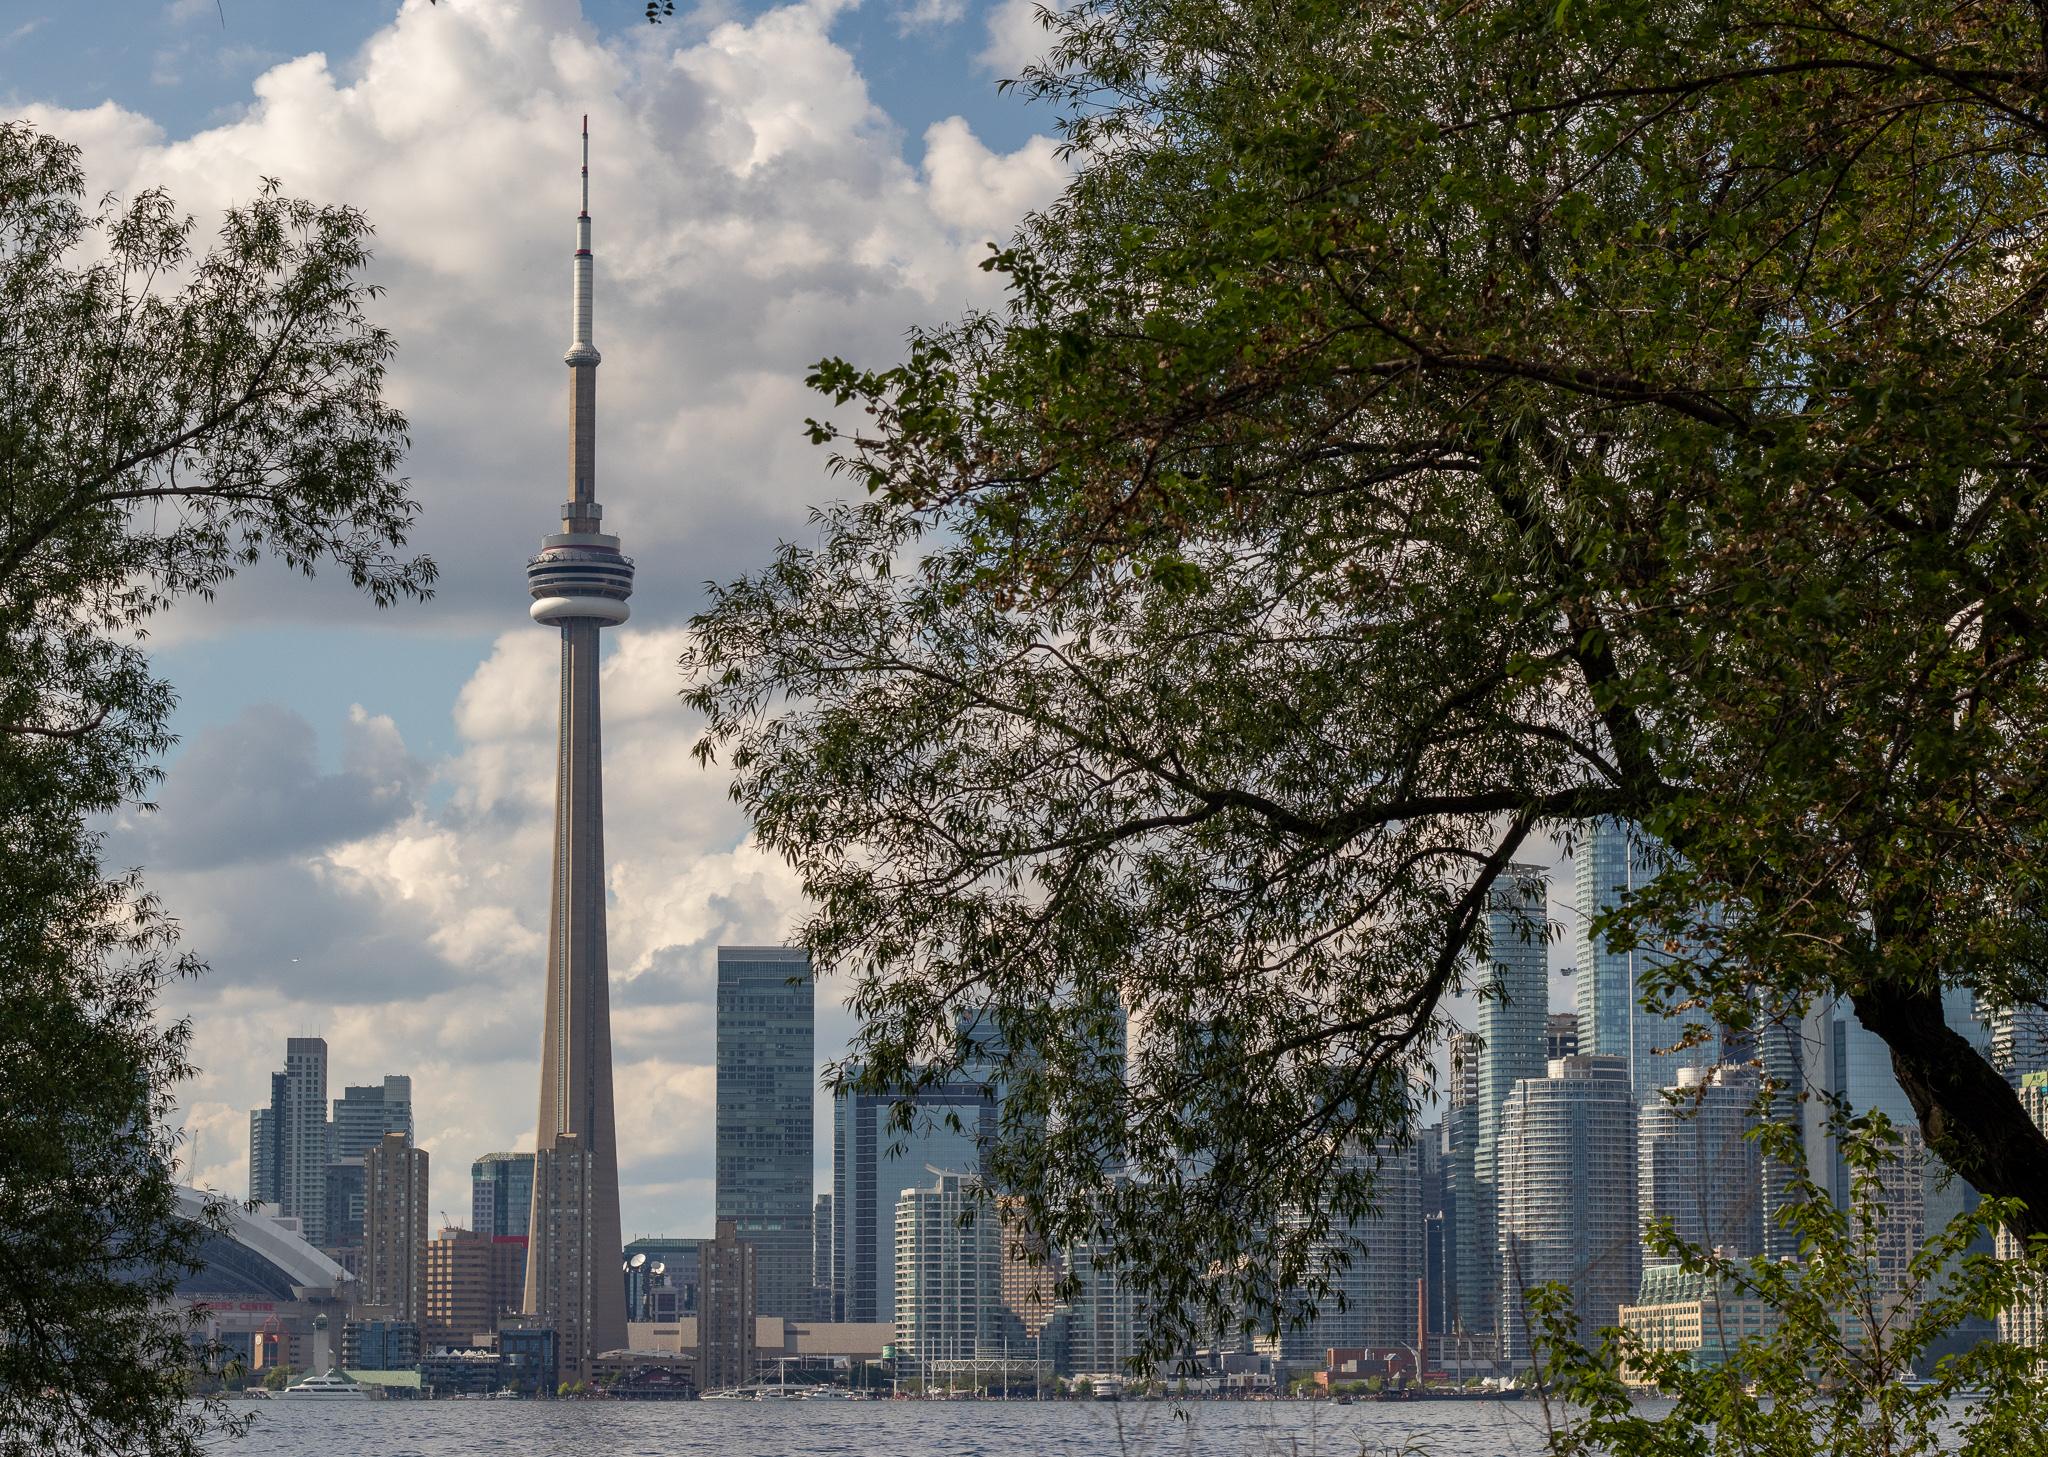 Von den Toronto Islands aus haben Besucher einen wundervollen Blick auf die Metropole.